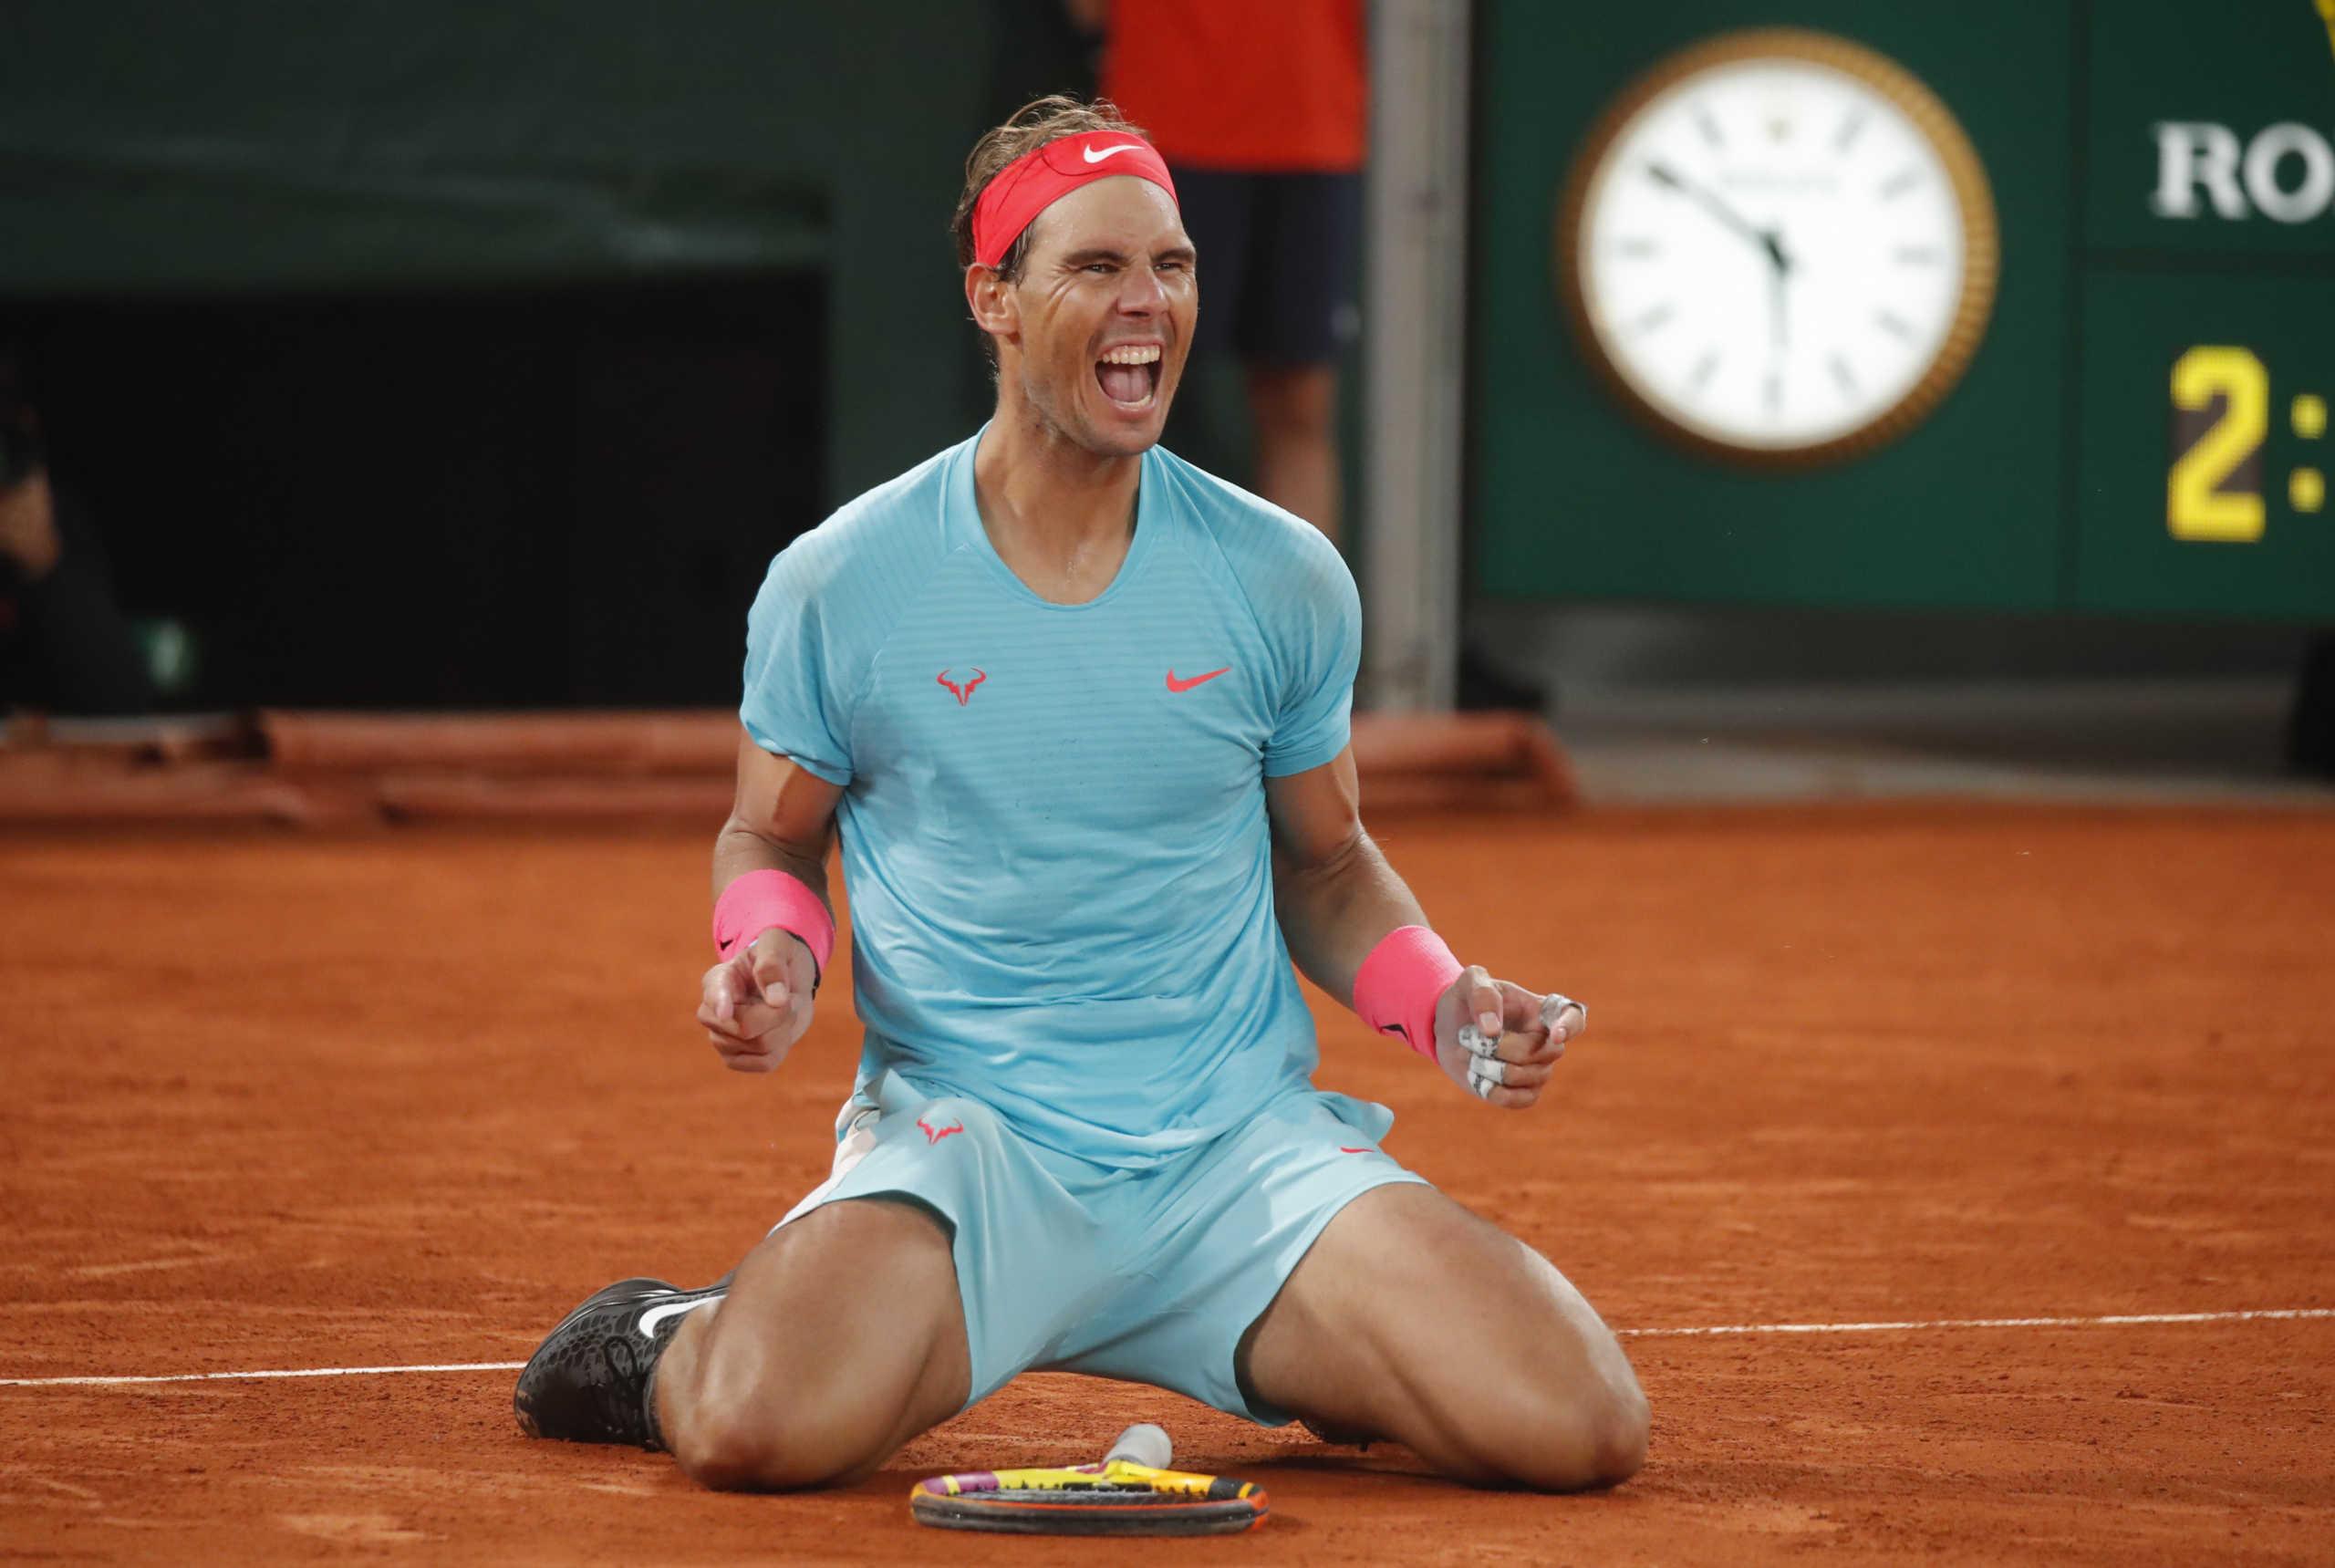 Τζόκοβιτς – Ναδάλ: Ανίκητος στο χώμα! Ο Ισπανός έγραψε ιστορία με το 13ο Roland Garros (videos)